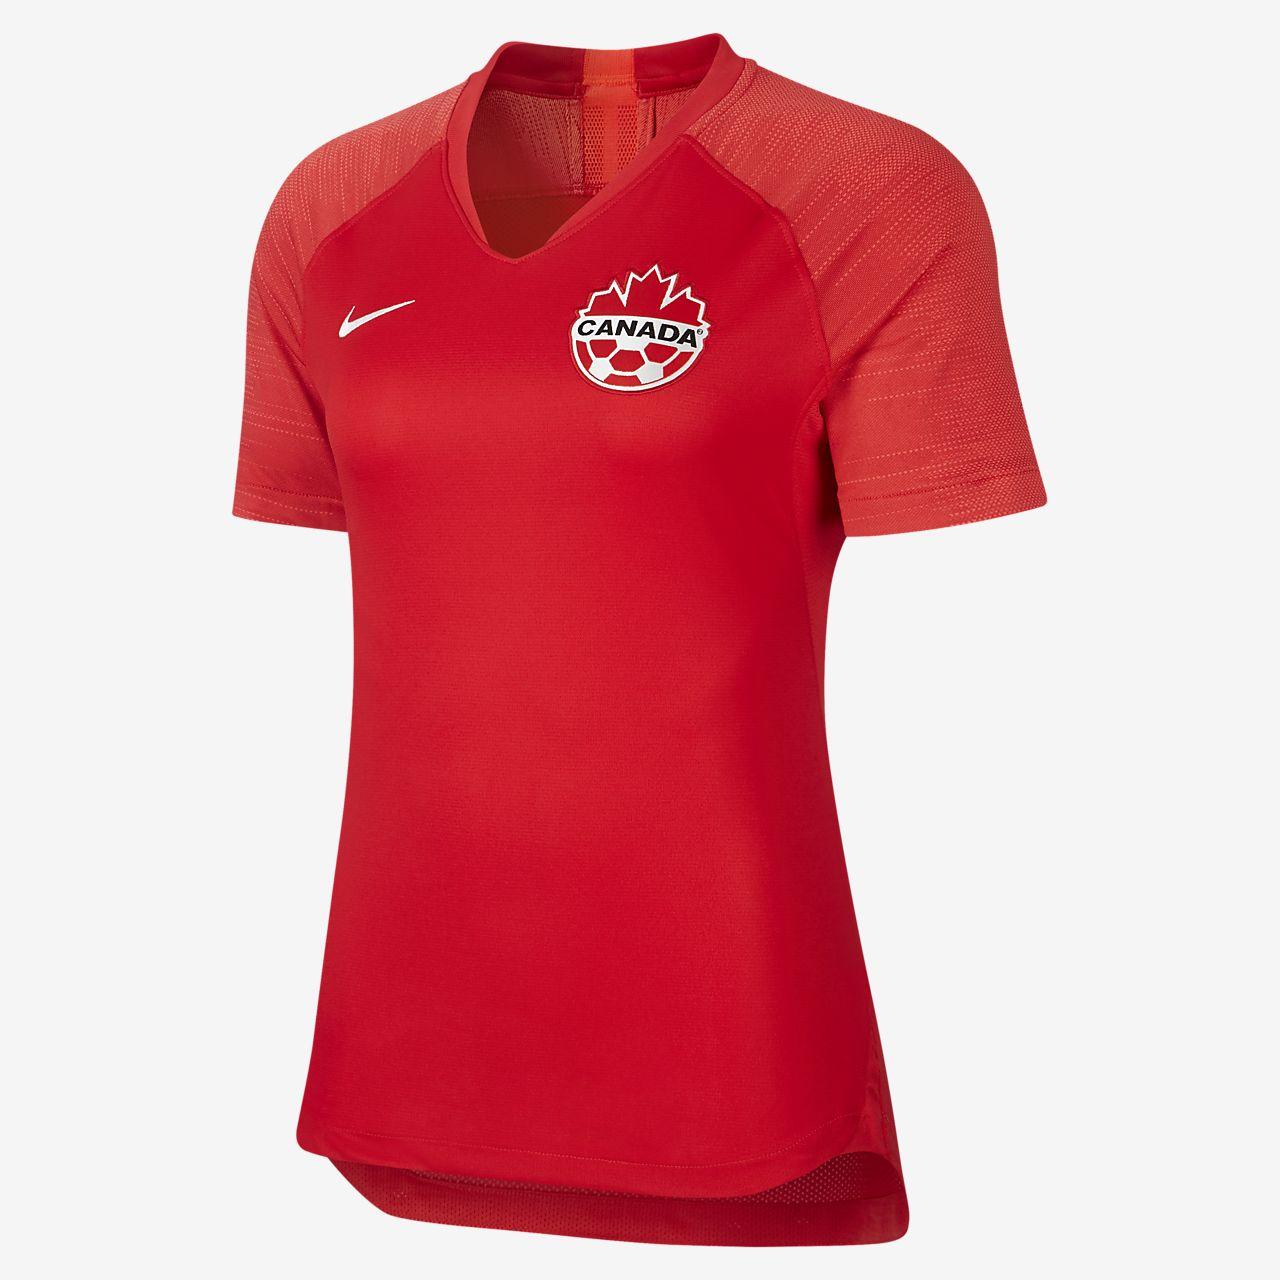 Γυναικεία ποδοσφαιρική φανέλα Canada 2019 Stadium Home